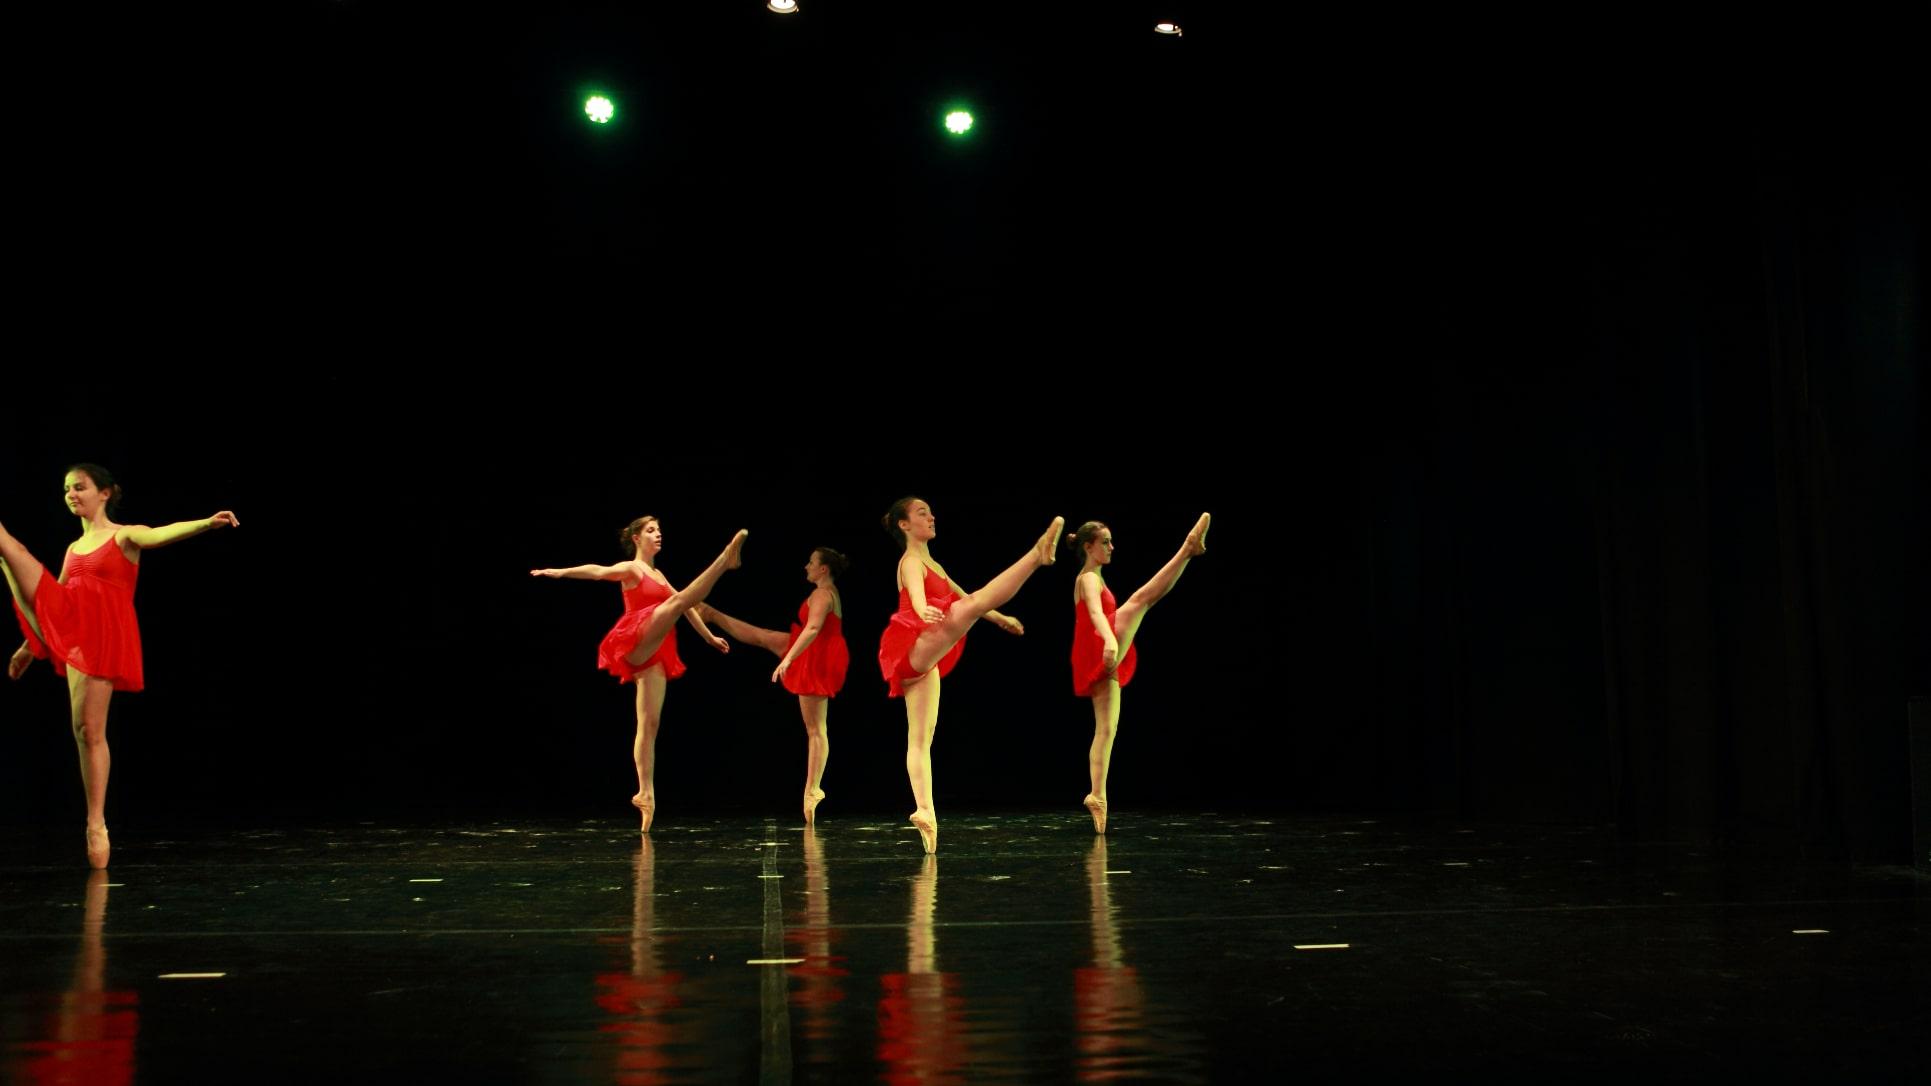 venti-in-danza-10@0.5x